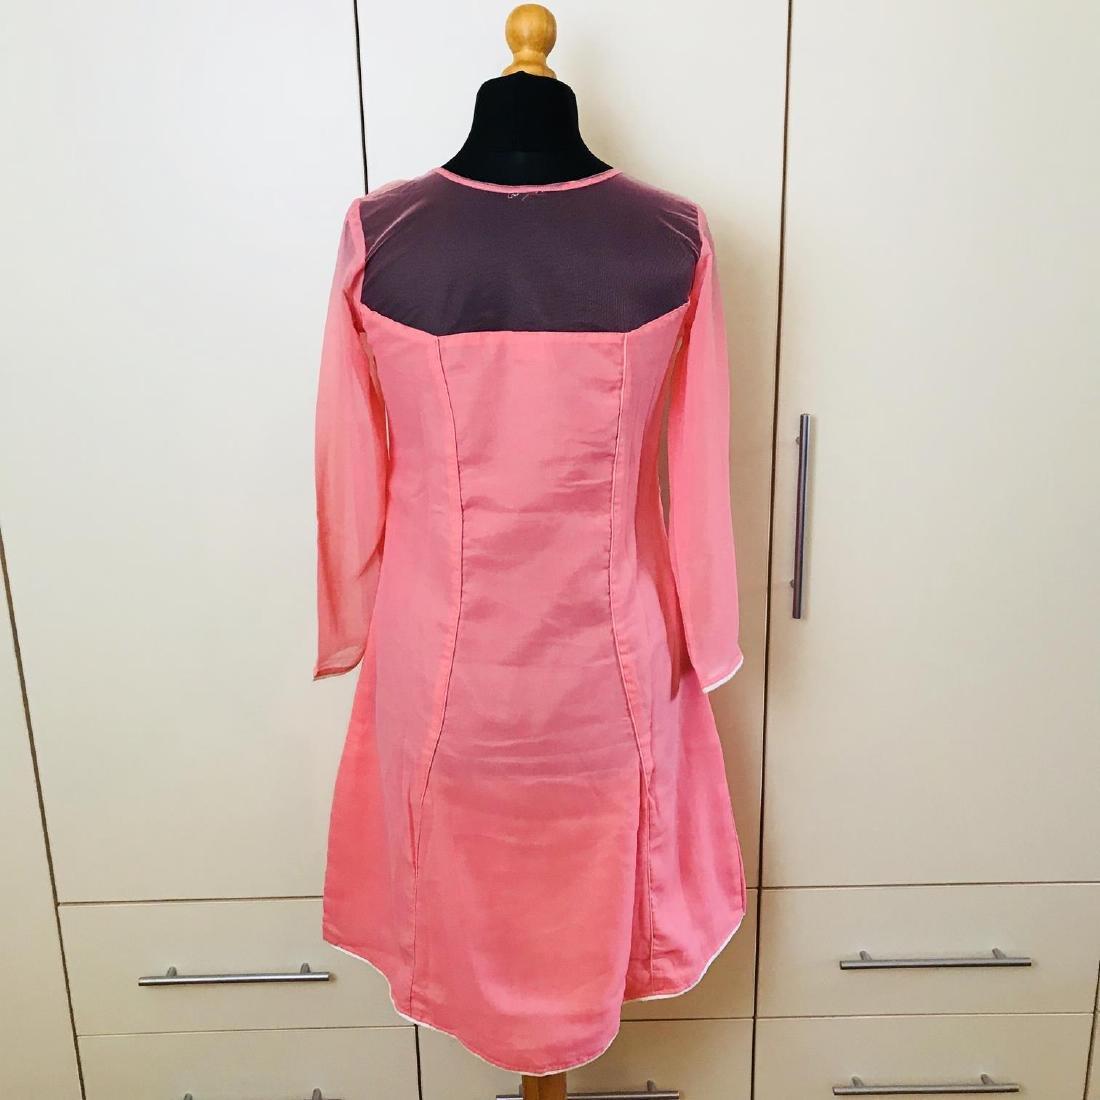 Vintage Women's Pink Party Dress Size US 6 EUR 36 / - 5